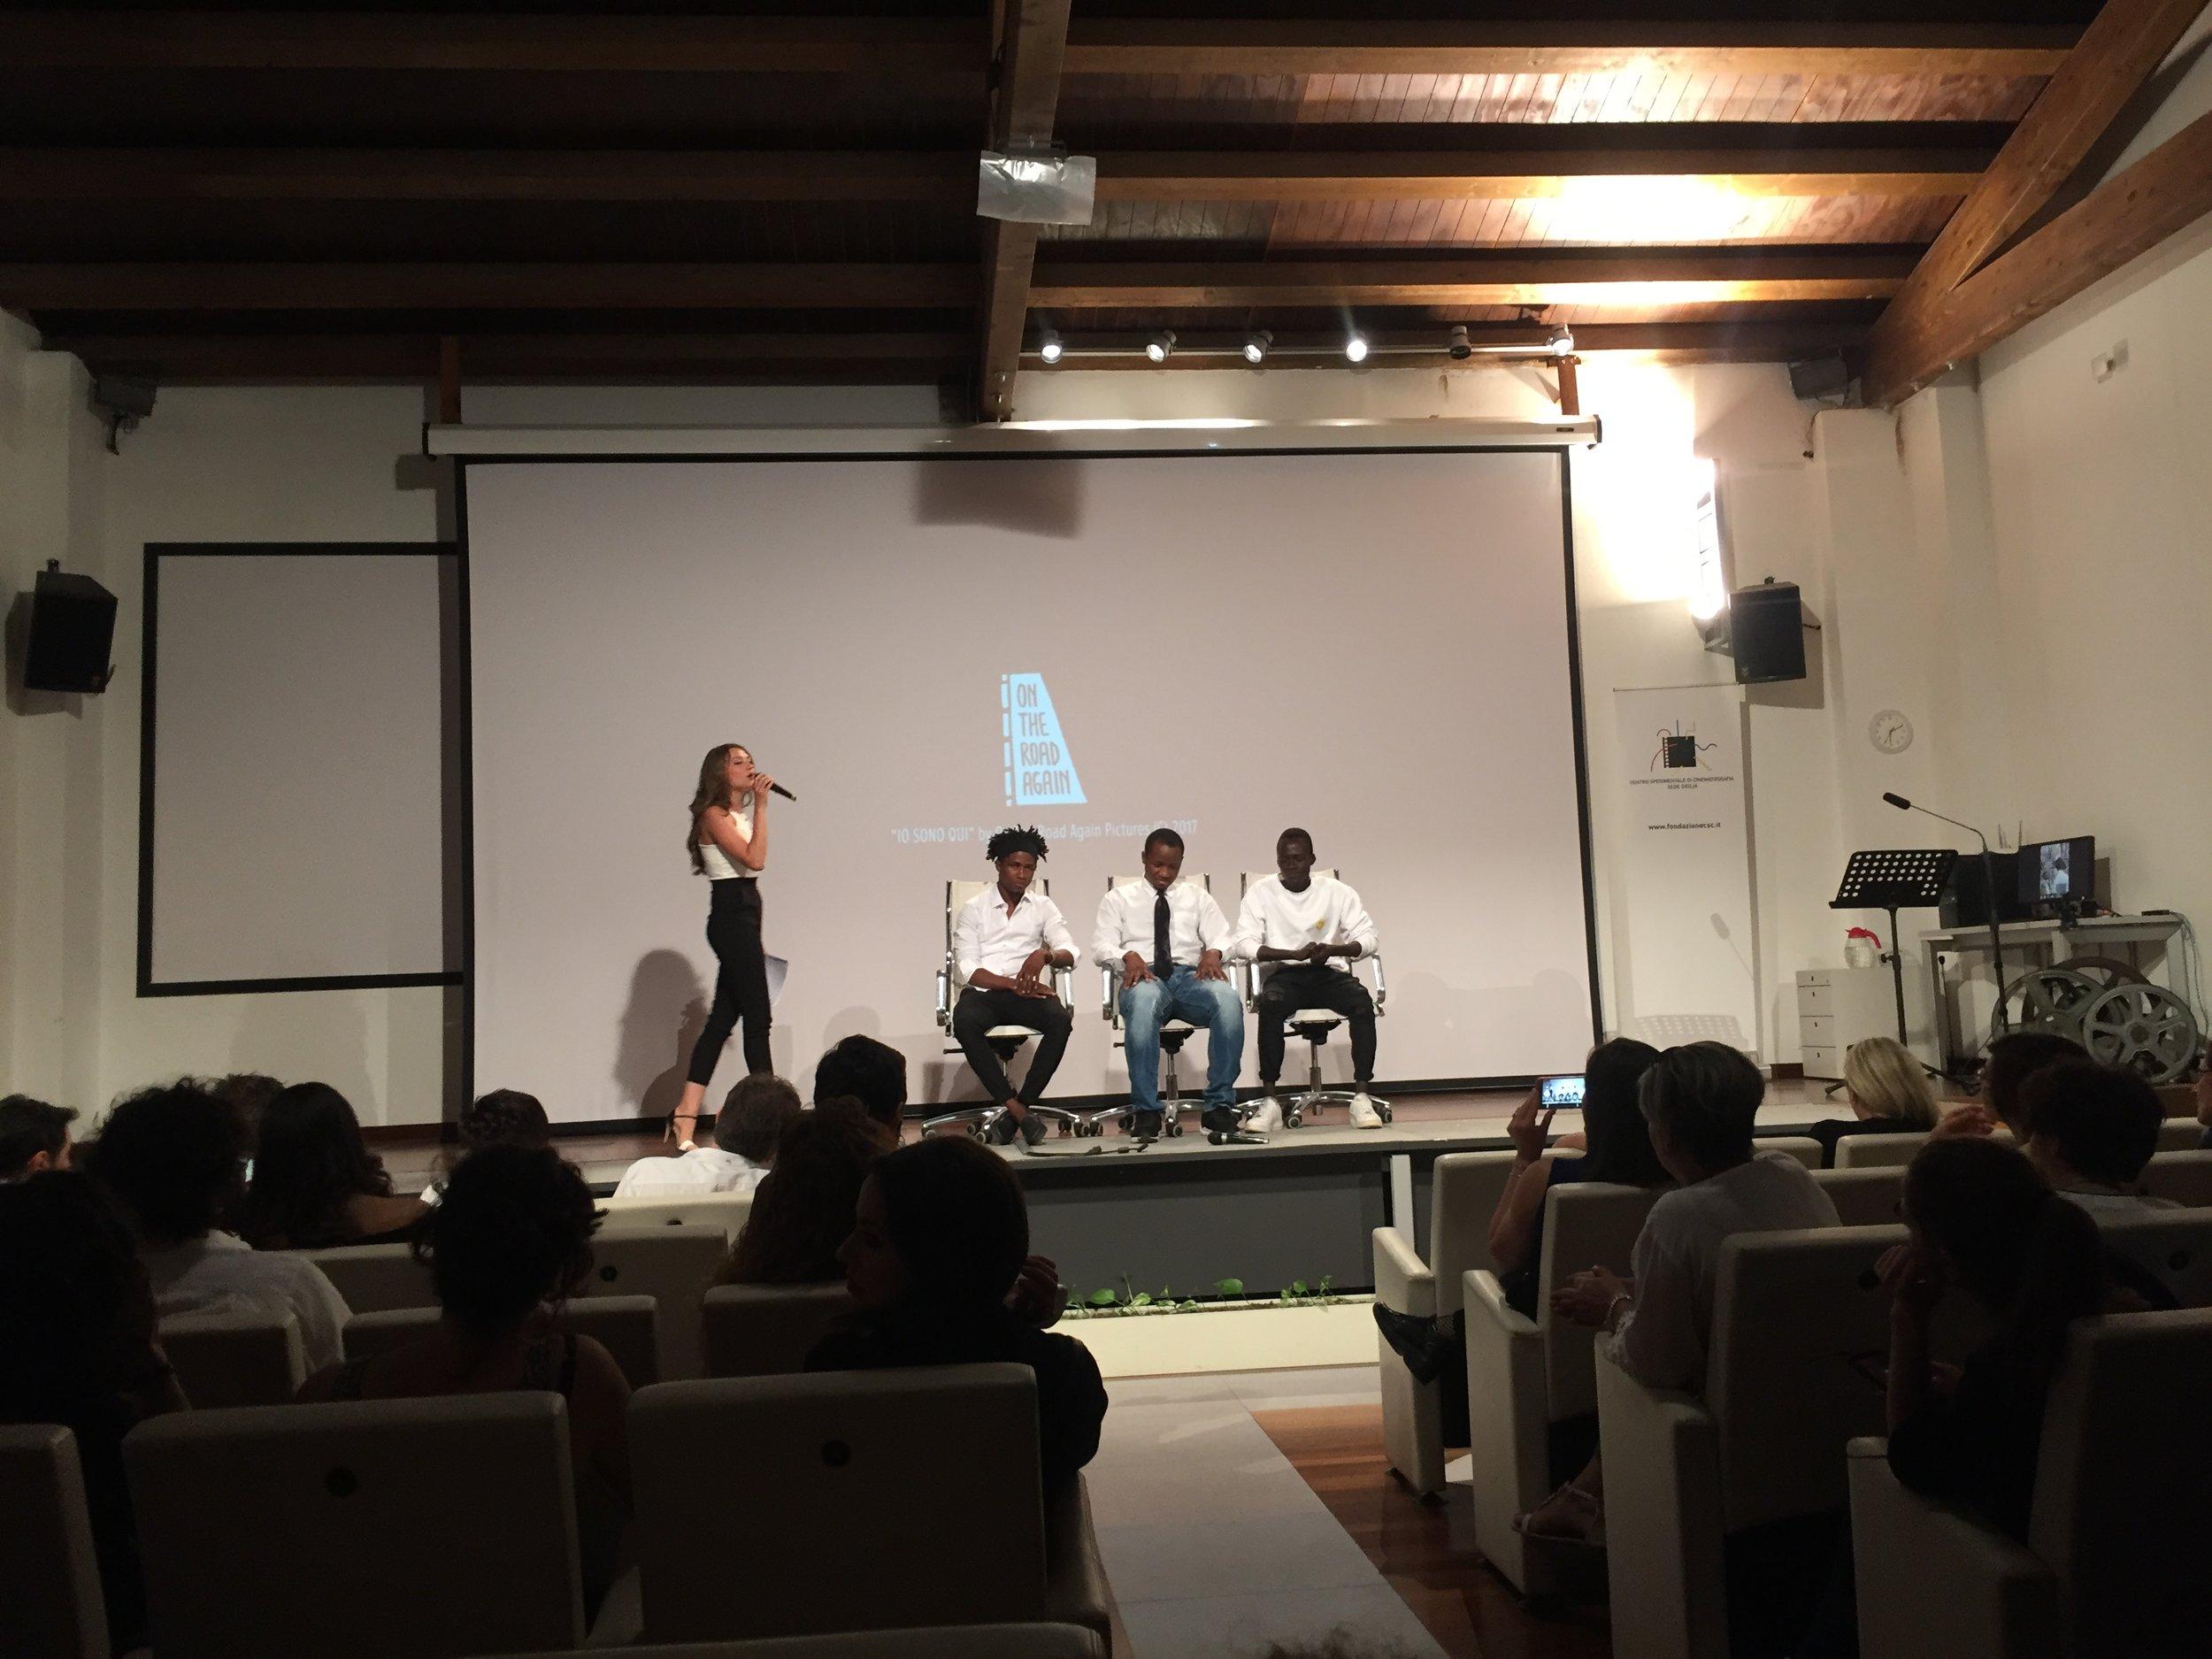 I tre protagonisti del film parlano durante una sessione di Q&A. Crediti fotografici: Autore.